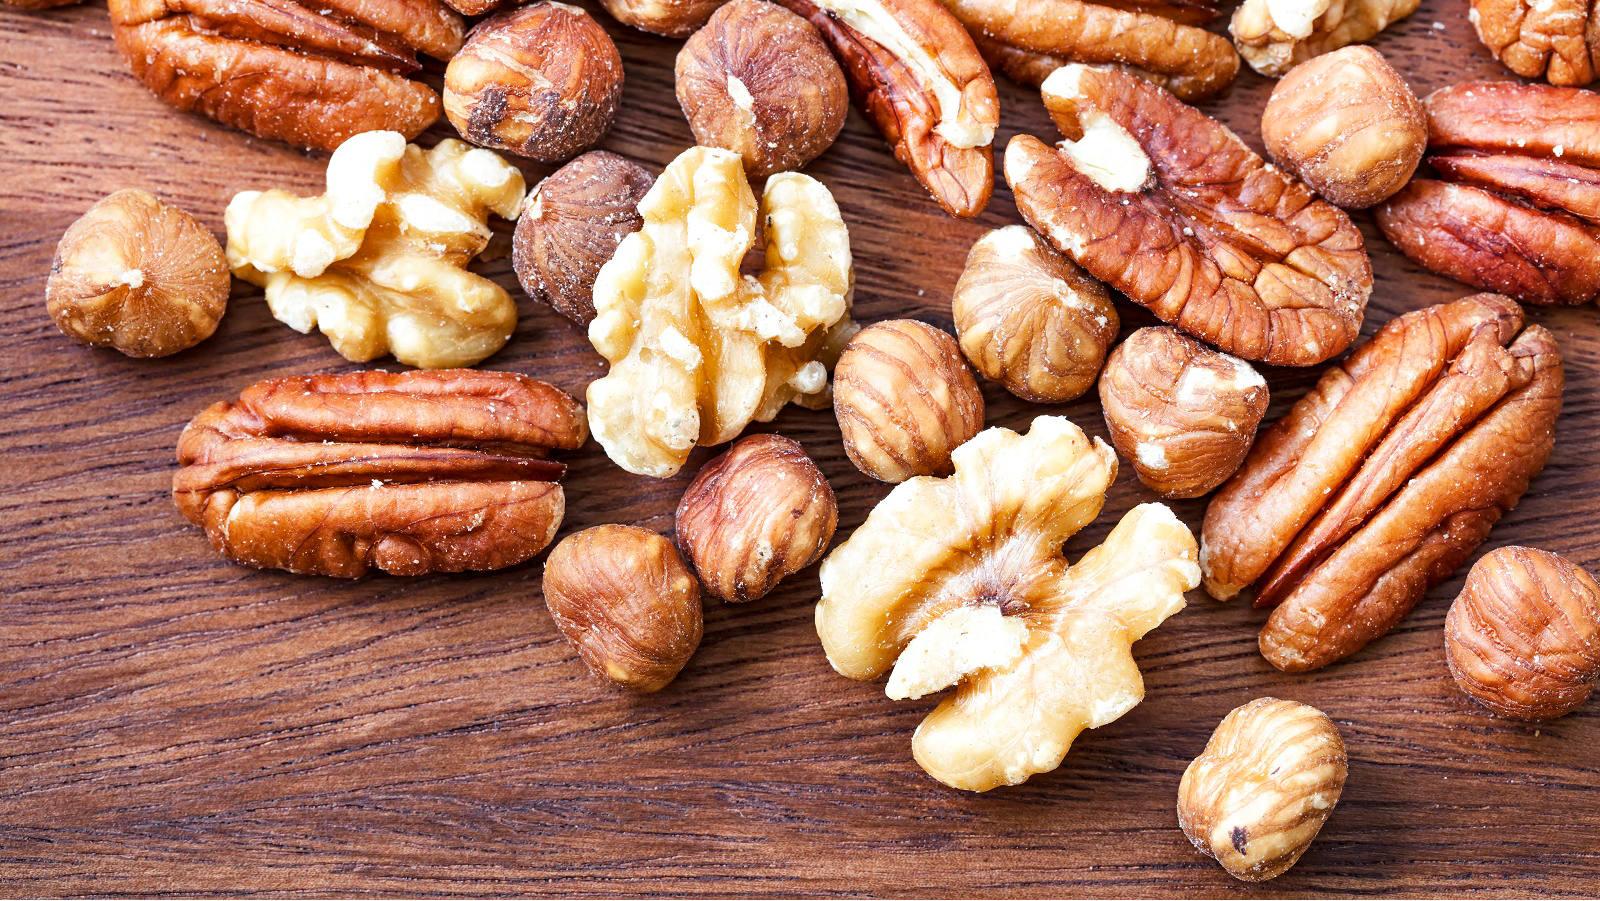 Nüsse enthalten gesunde Fettsäuren und Vitamine